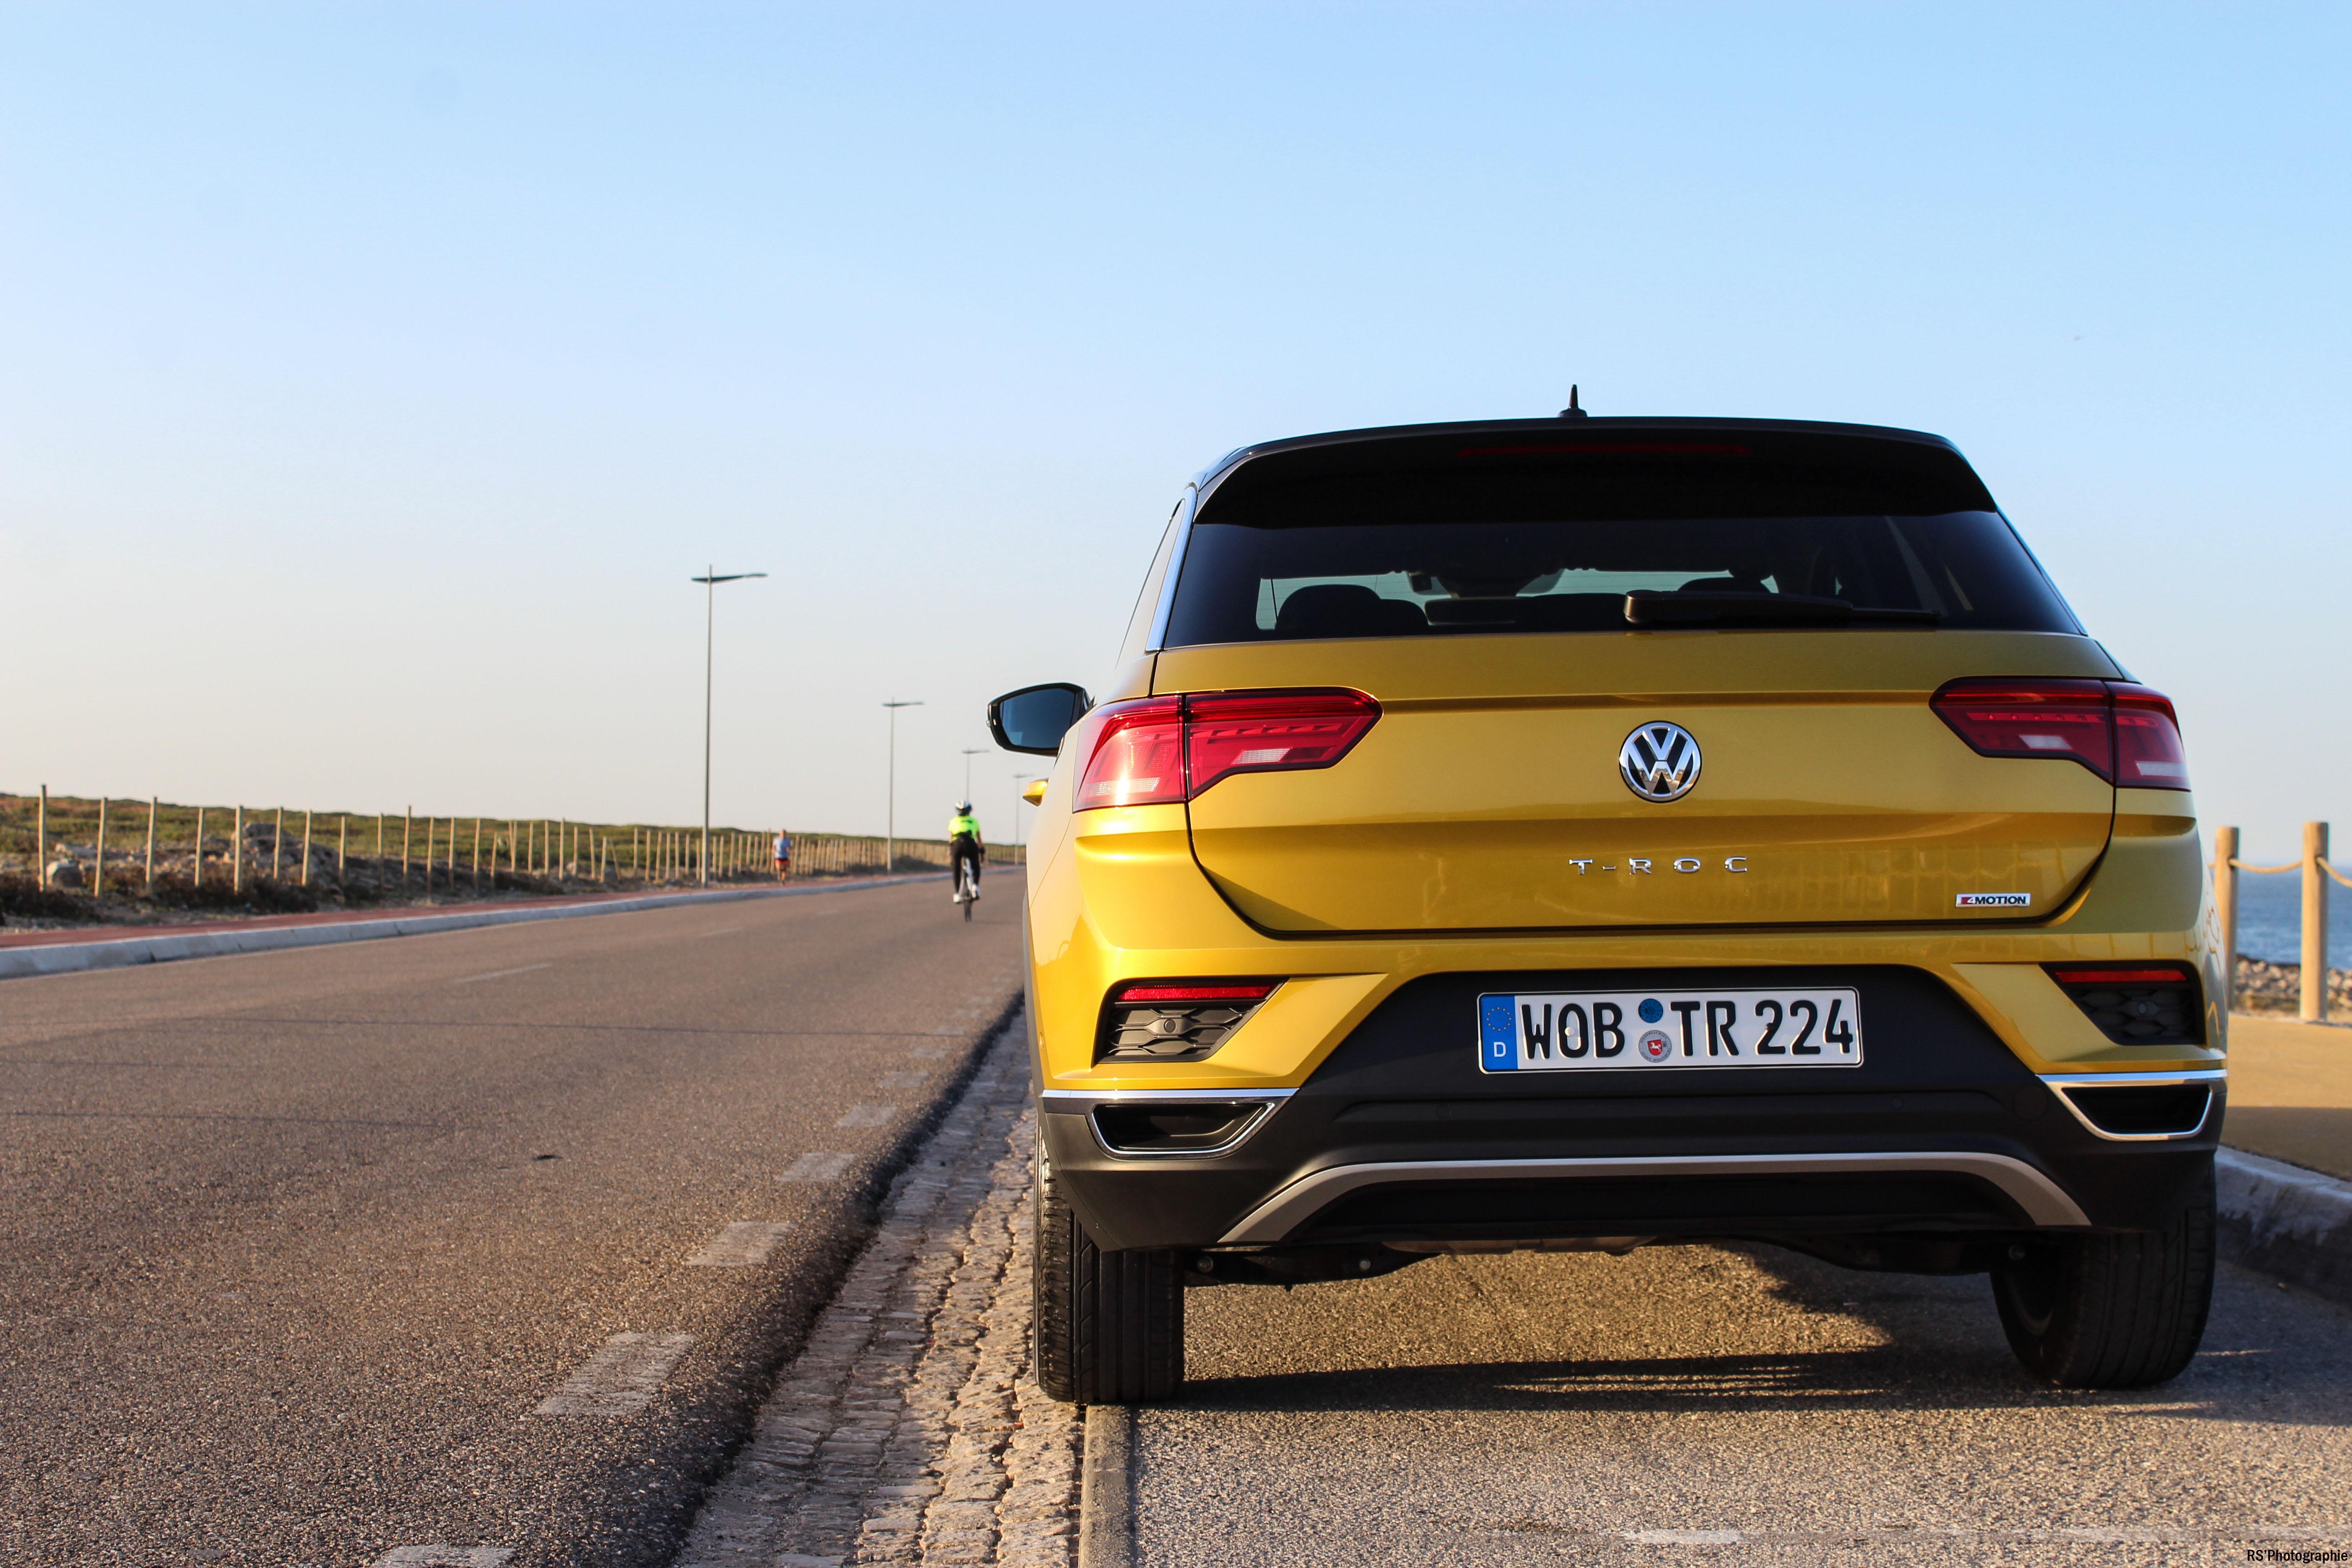 Volkswagentroc85-vw-t-roc-arriere-rear-Arnaud Demasier-RSPhotographie